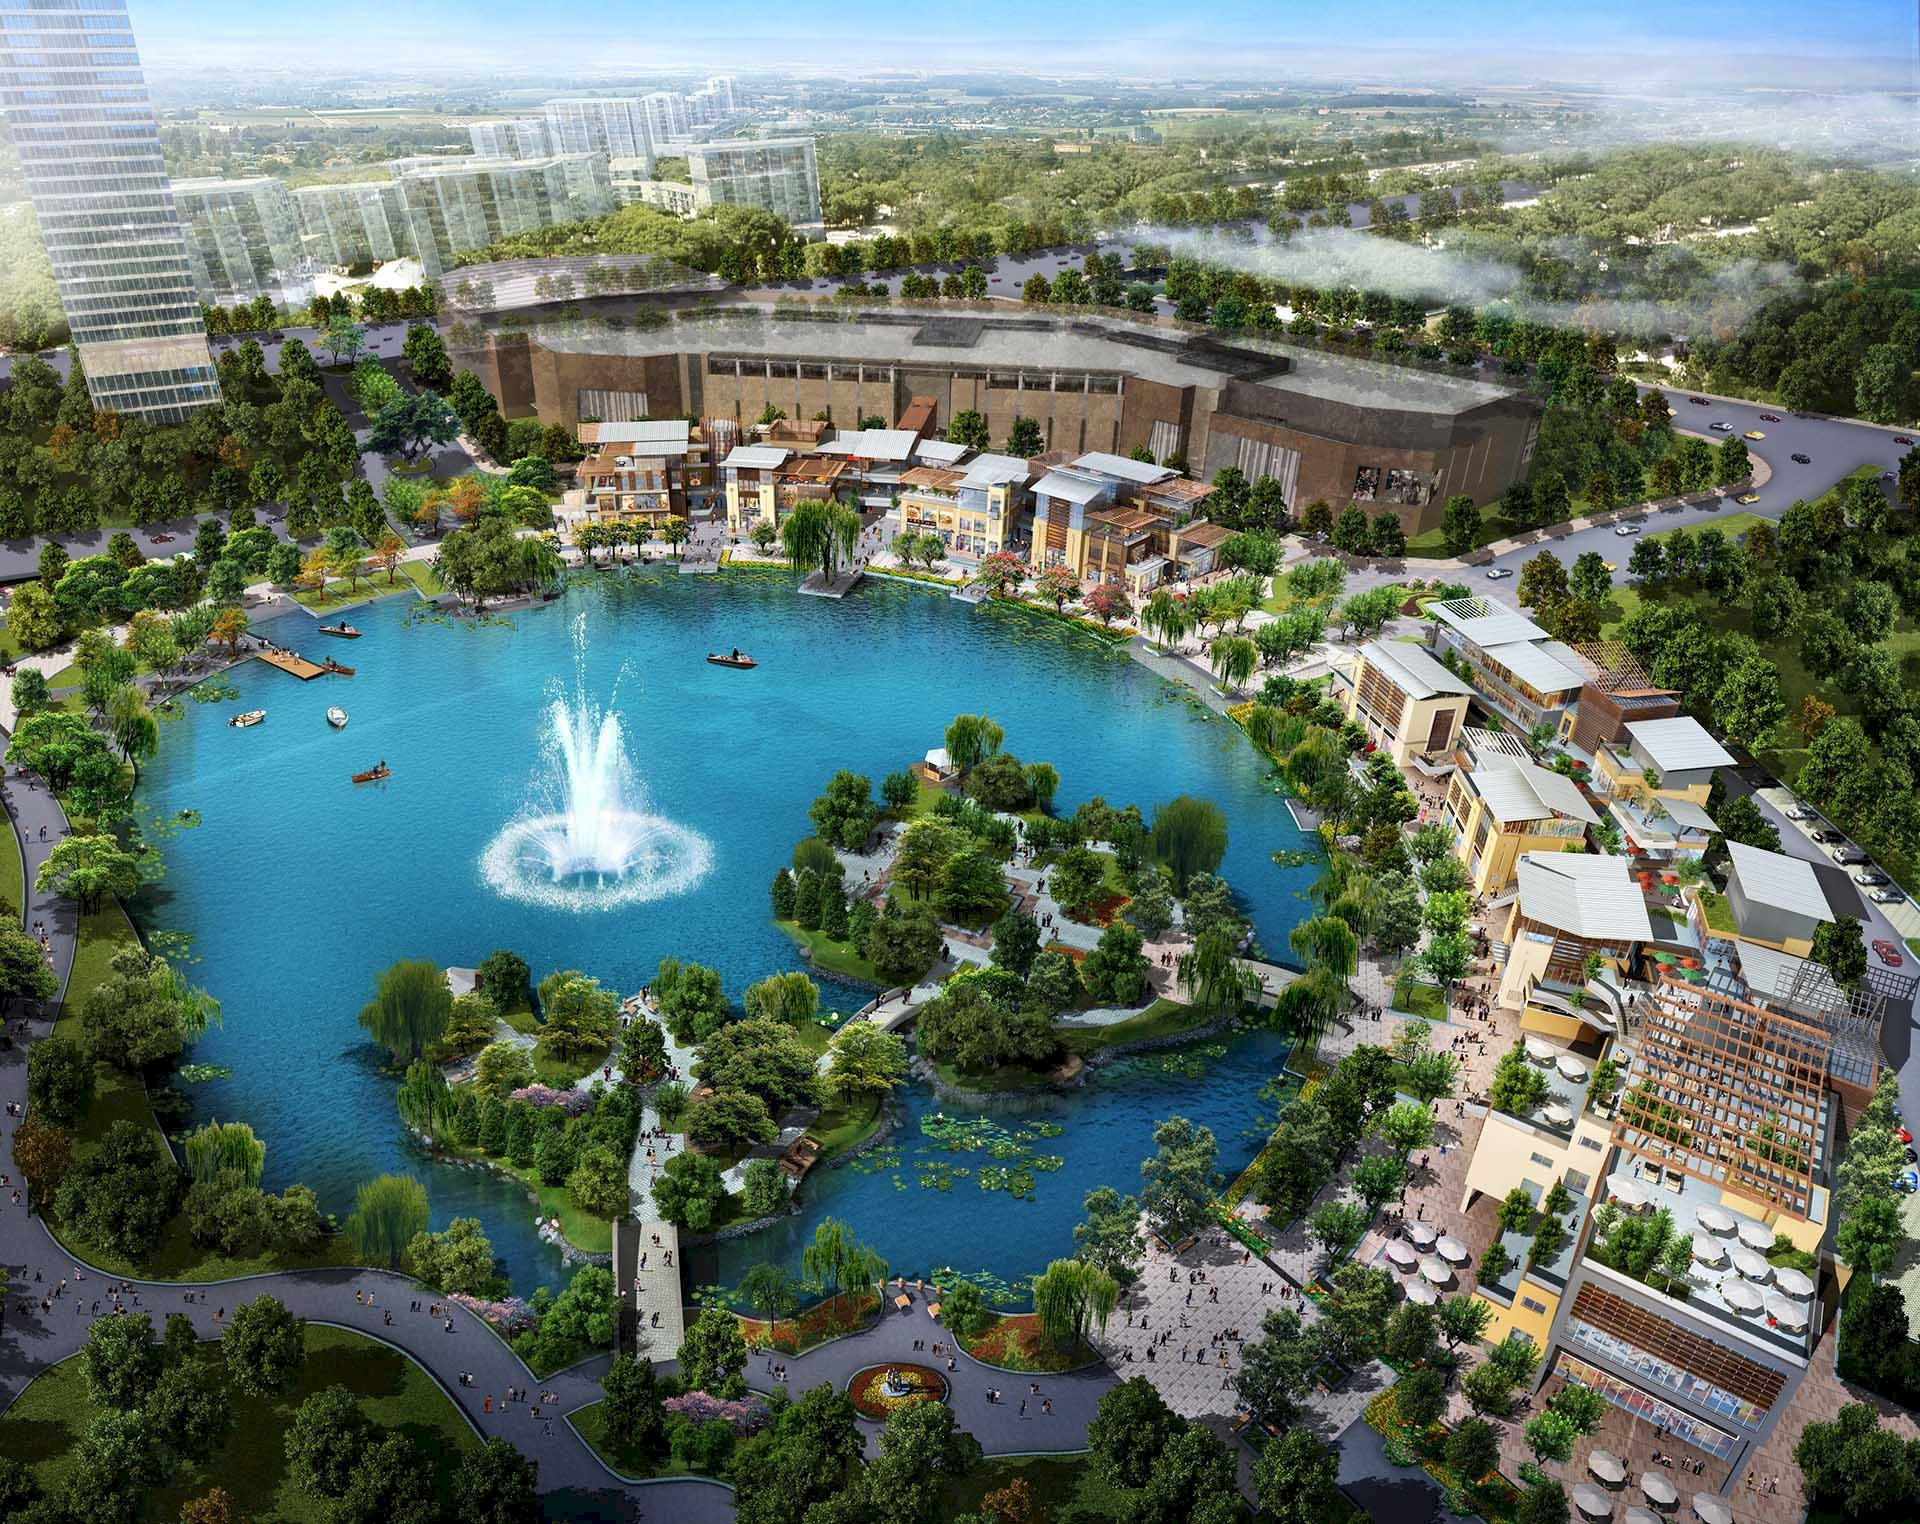 Yen So Park